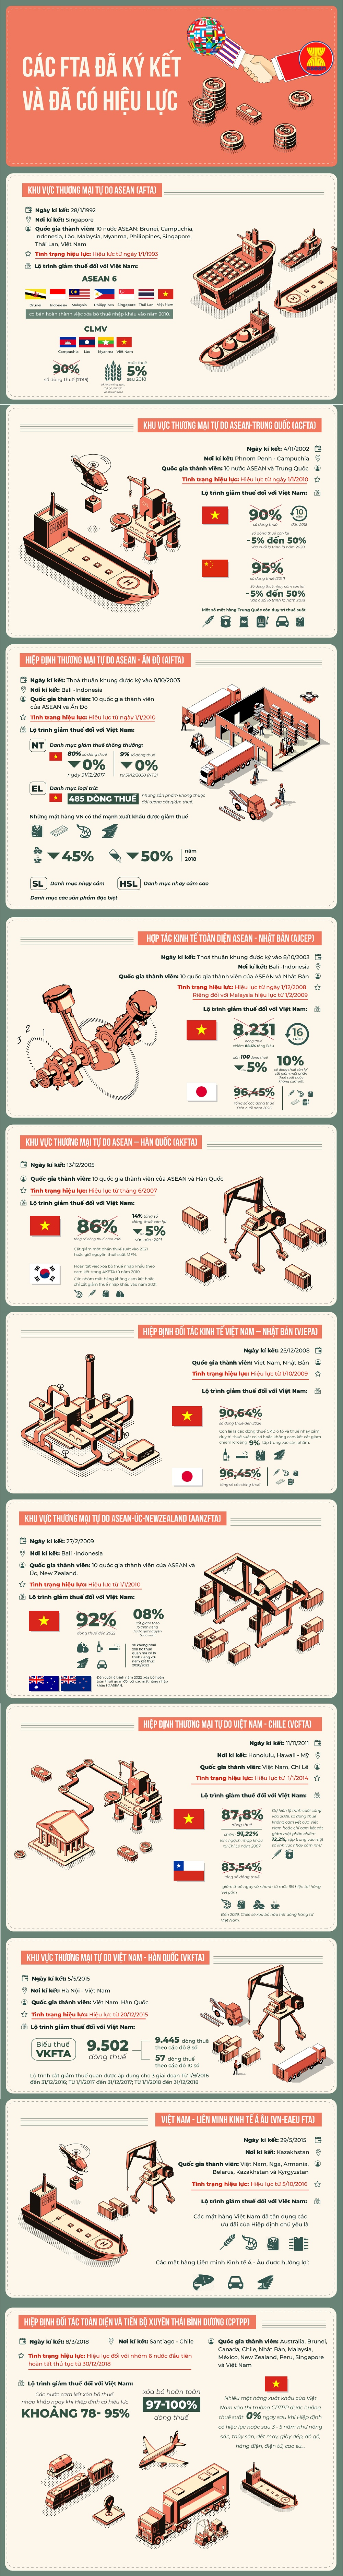 [Infographic] Những Hiệp định thương mại tự do Việt Nam hưởng lợi trong năm 2019 - Ảnh 1